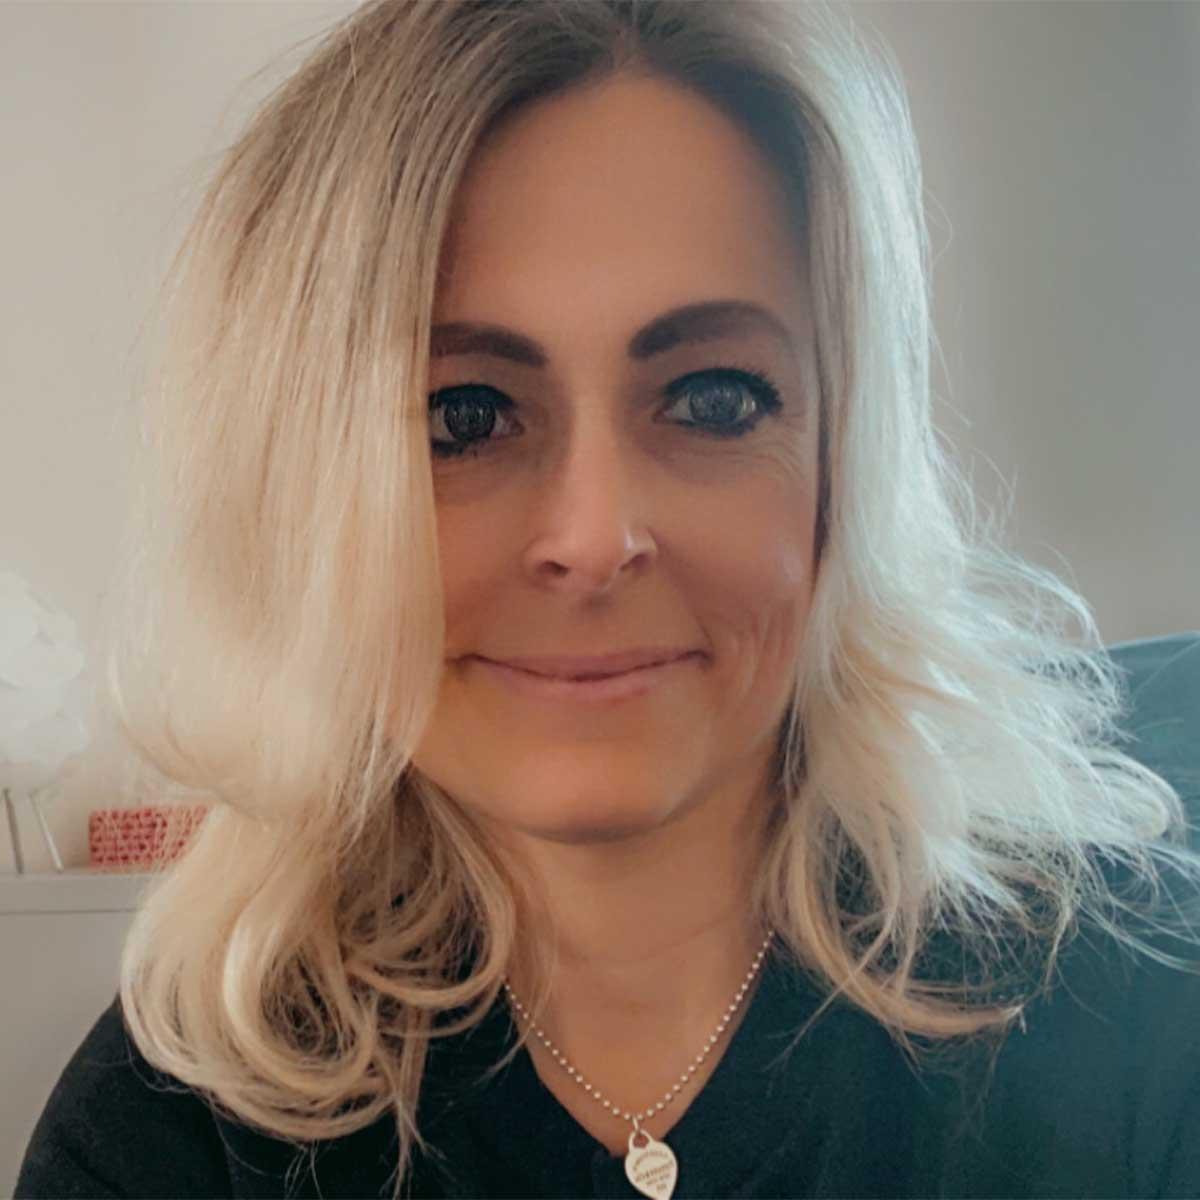 Gesundheitsberaterin Susanne Federle in Burgau und am Bodensee